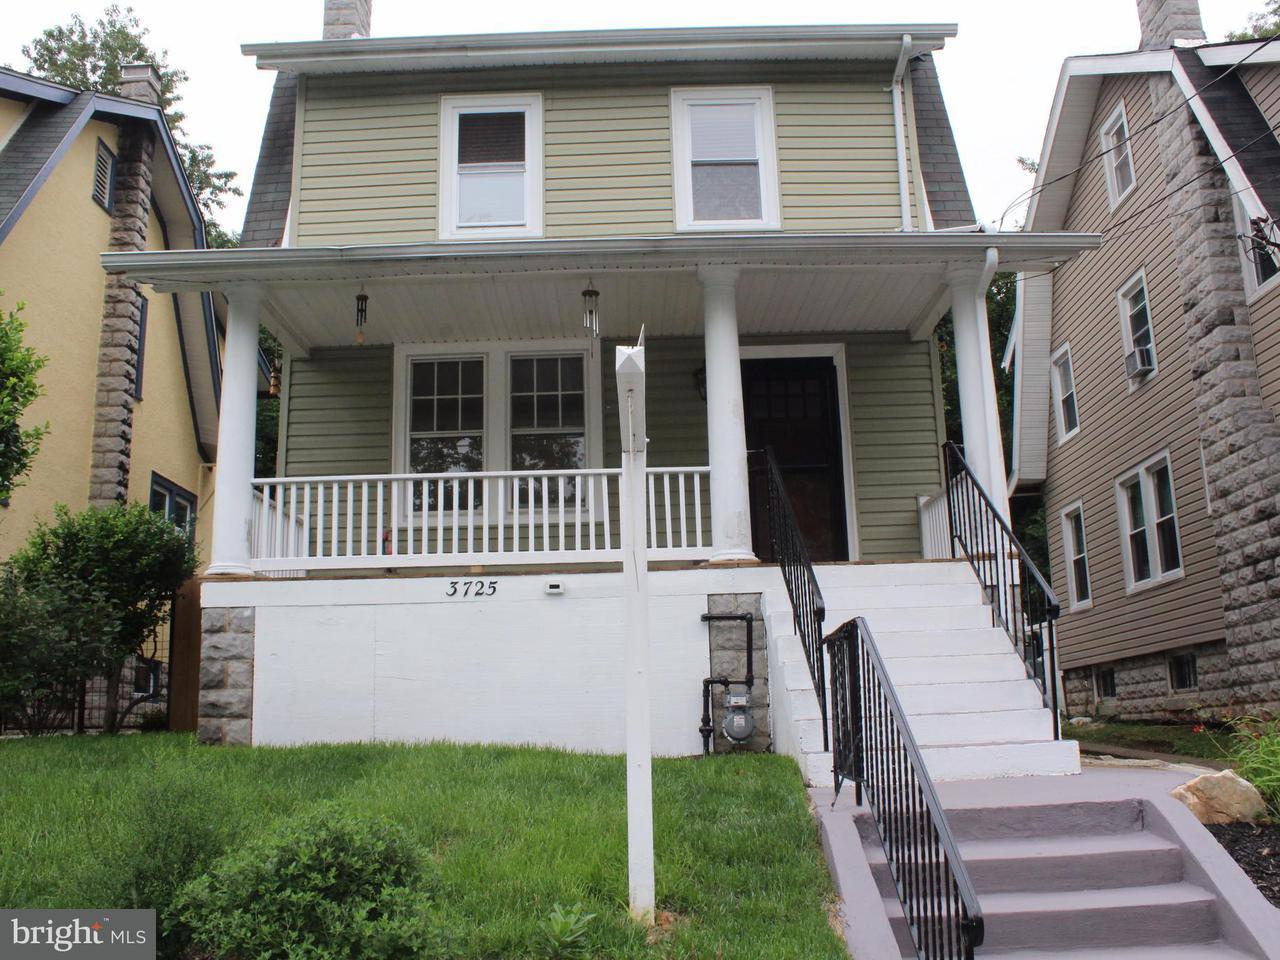 獨棟家庭住宅 為 出售 在 3725 26TH ST NE 3725 26TH ST NE Washington, 哥倫比亞特區 20018 美國